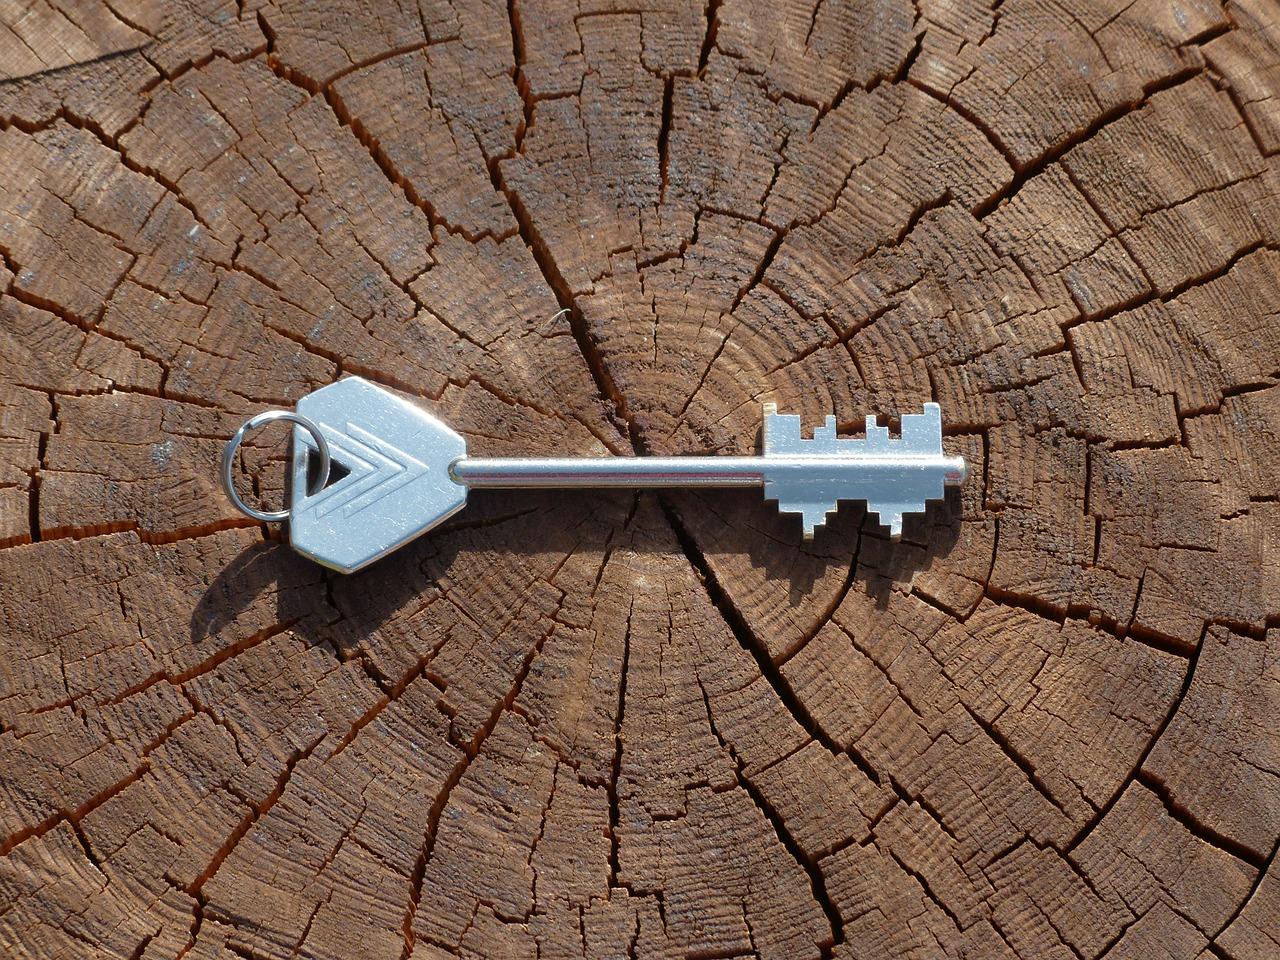 A key provides access